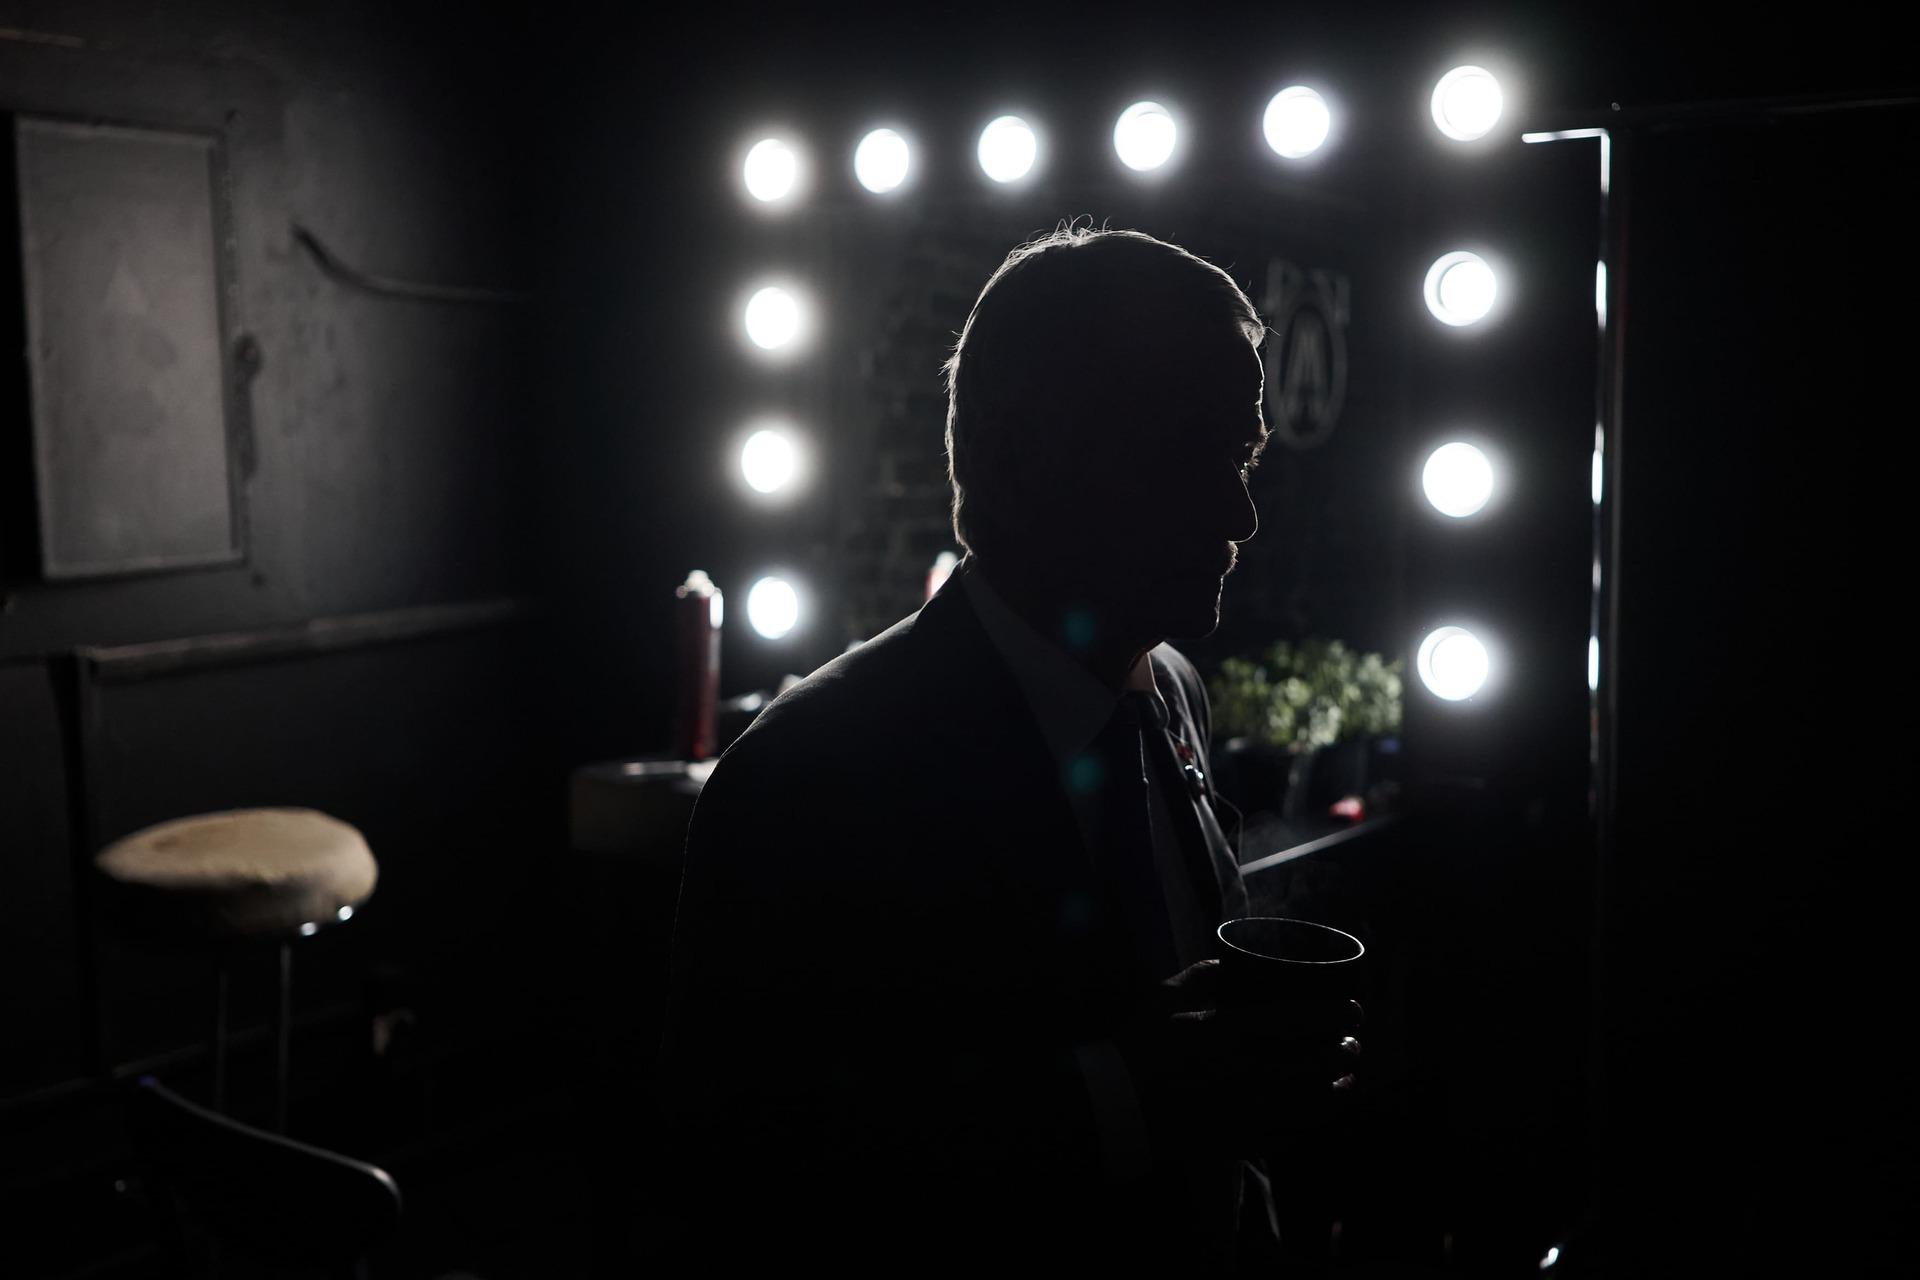 Мустафа Джемілєв — політик, громадський діяч, один із лідерів кримськотатарського національного руху. 16 листопада 2020 року. Спецпроєкт «Рідний Крим». Фото: Сергій Коровайний.